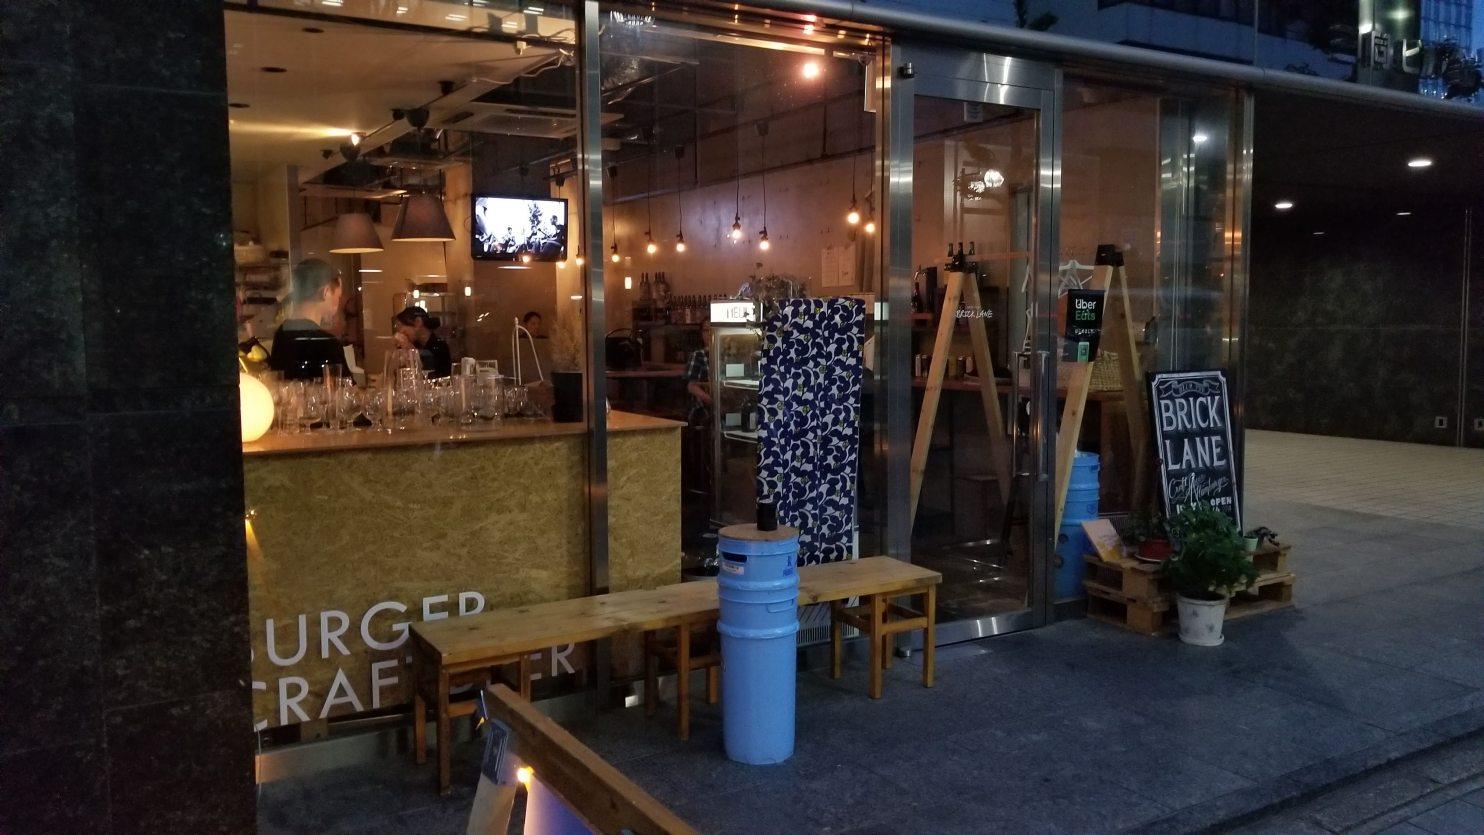 Beer Pub Brick Lane Front・ビアパブ ブリックレーンフロント